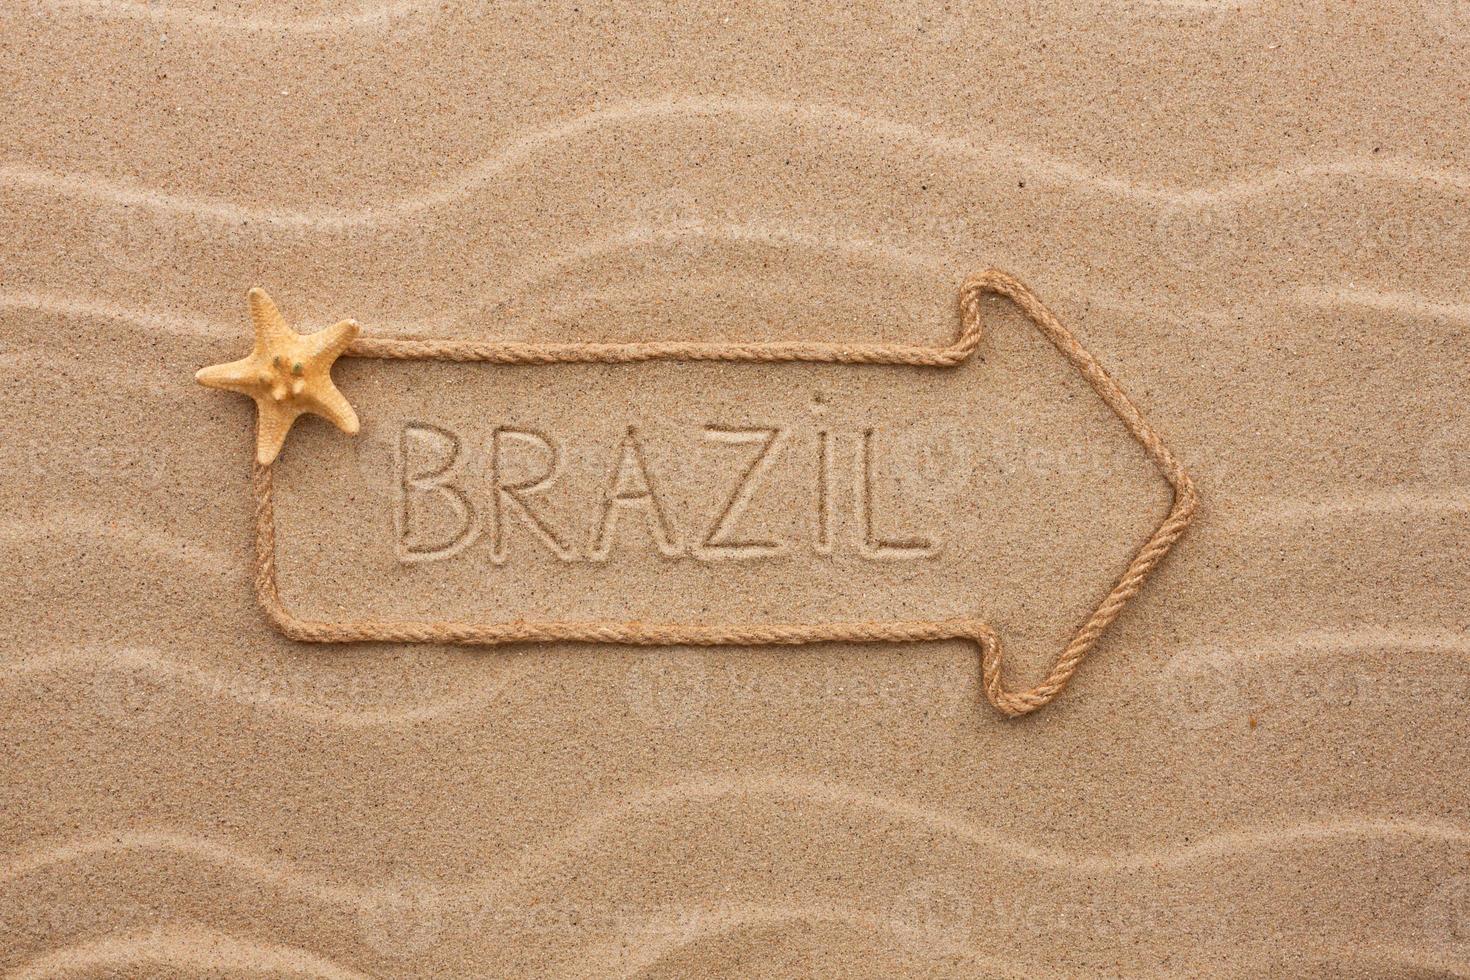 pijltouw met het woord Brazilië op het zand foto